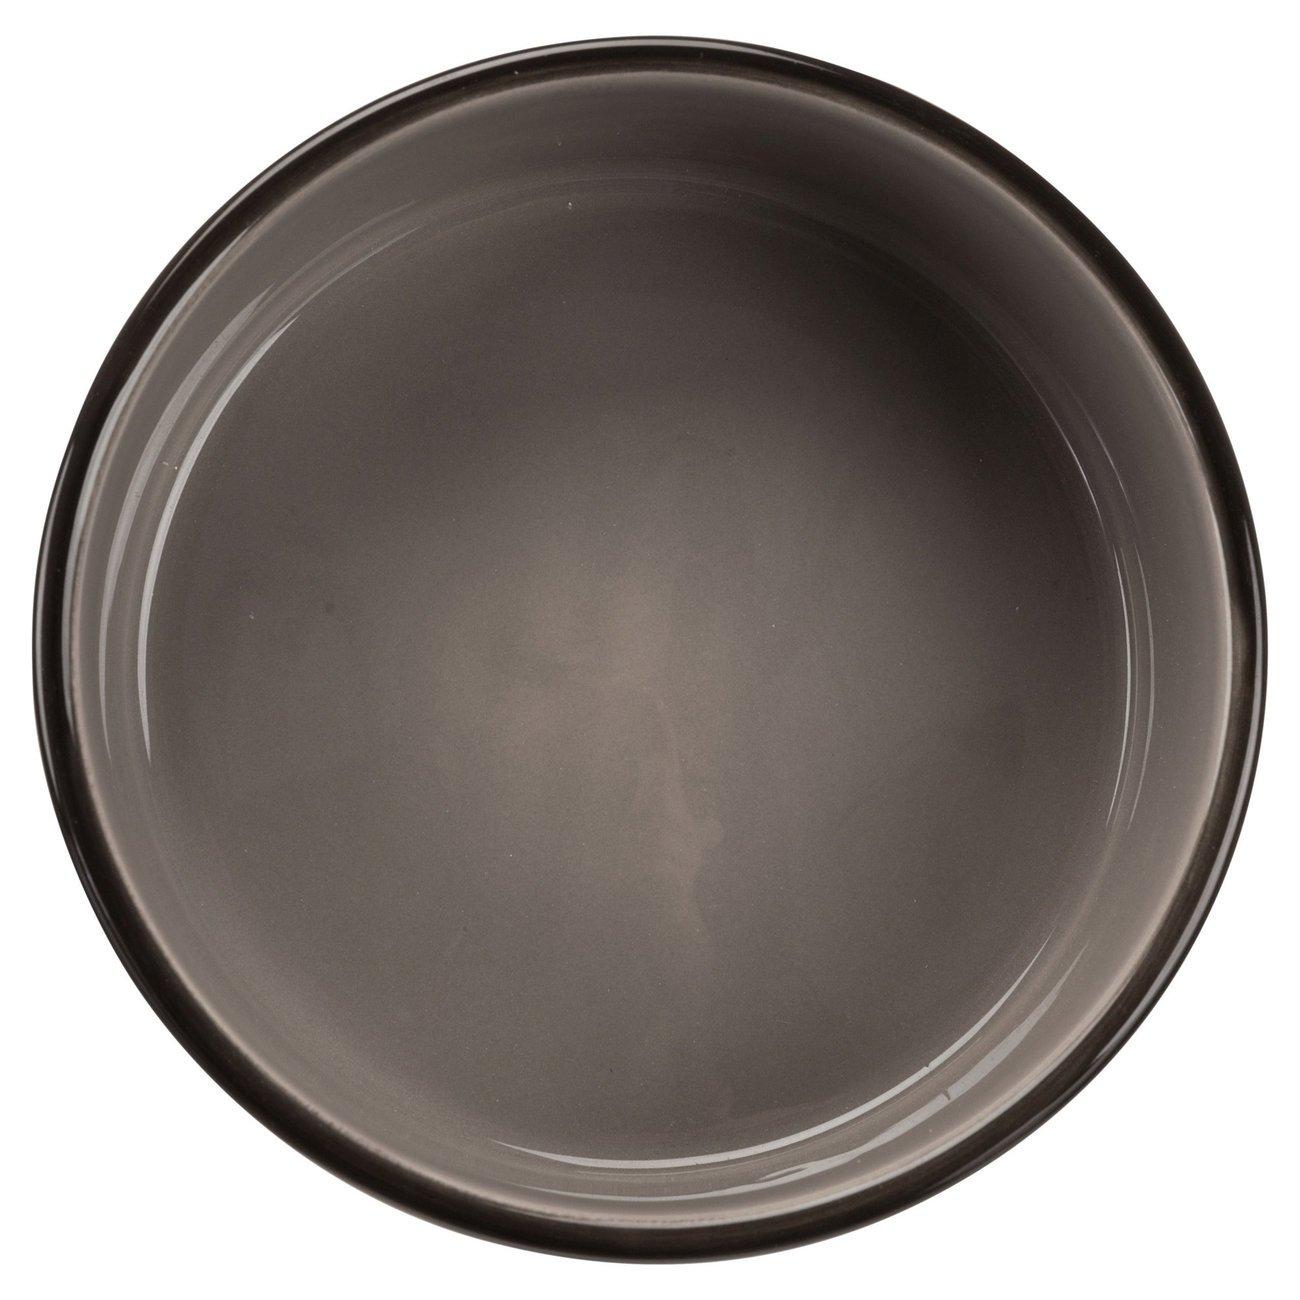 TRIXIE Keramiknapf mit Pfoten 24531, Bild 2